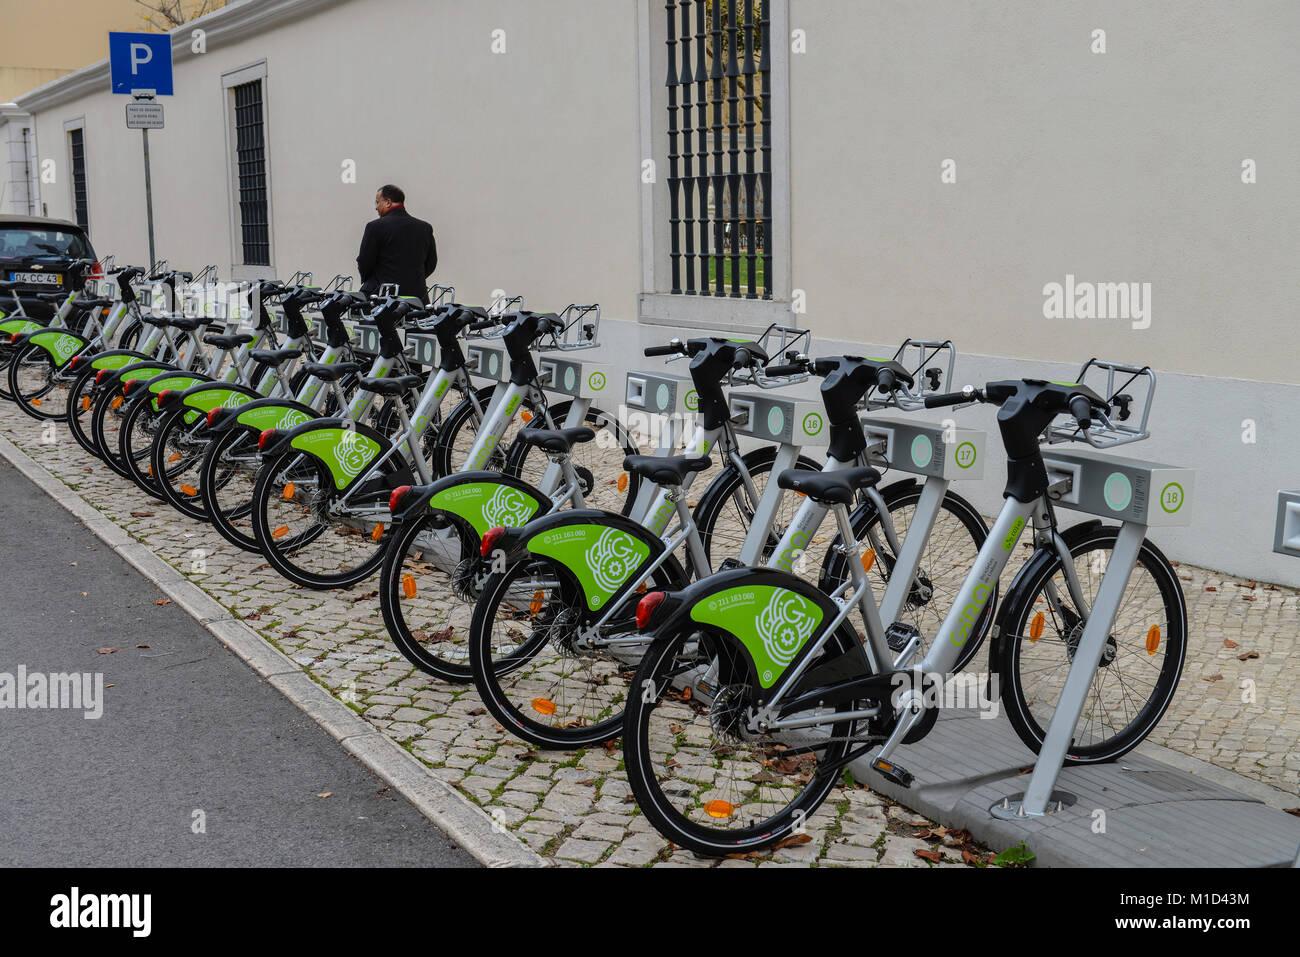 Rental bicycles' - 'Gira Bicicletas de Lisboa, Lisbon, Portugal, Leihfahrraeder ´Gira – Bicicletas - Stock Image